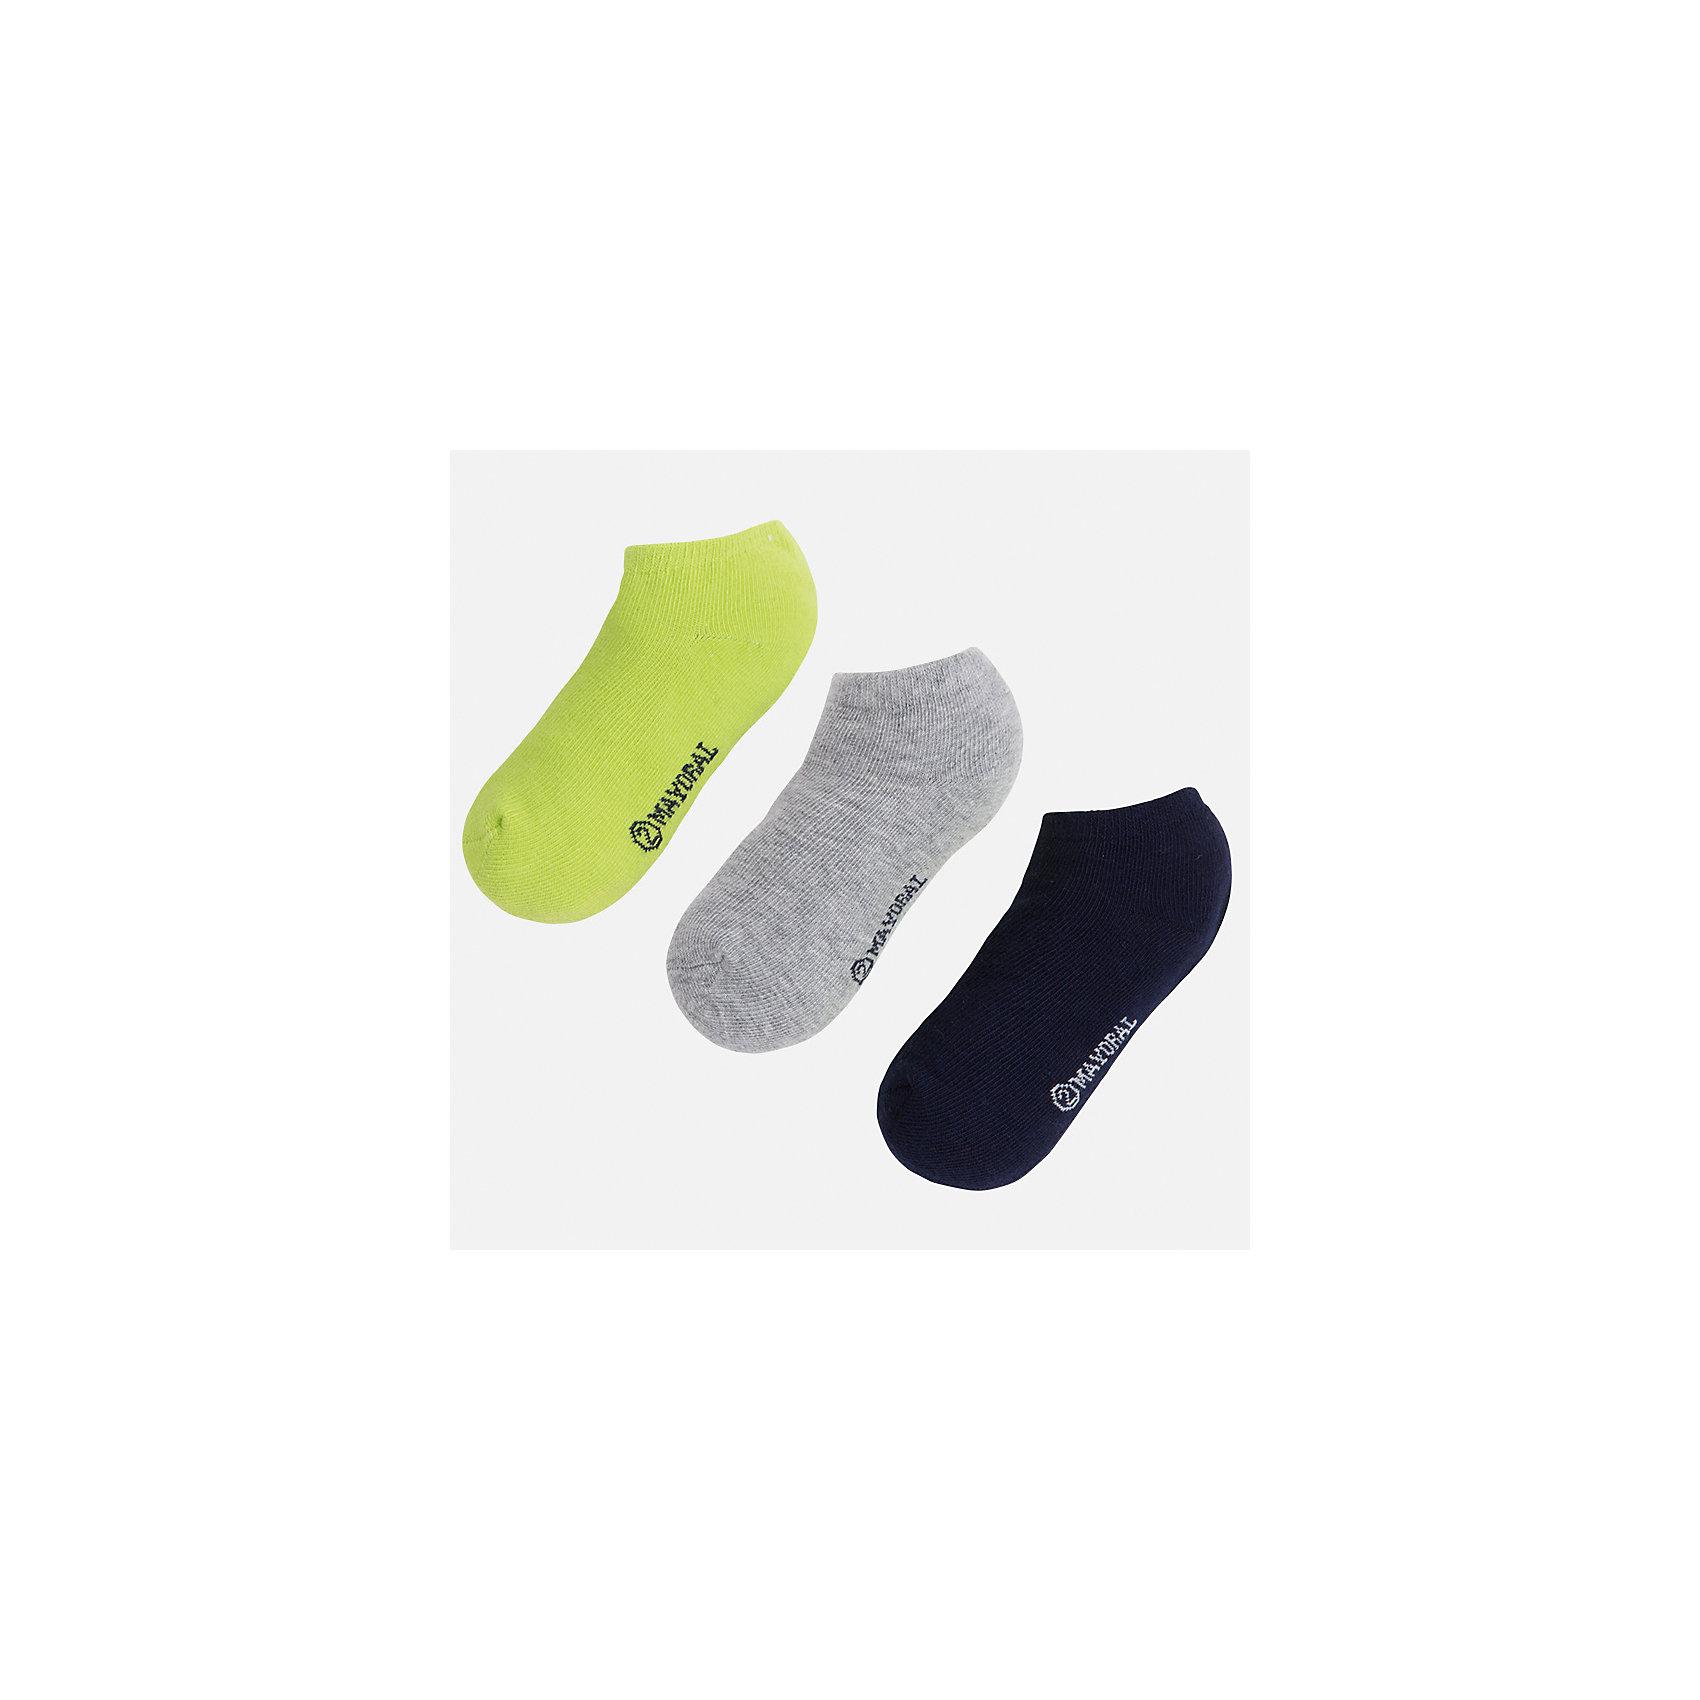 Носки для мальчика MayoralНоски<br>Характеристики товара:<br><br>• цвет: зеленый/серый/синий<br>• состав: 72% хлопок, 25% полиамид, 3% эластан<br>• комплектация: три пары<br>• мягкая резинка<br>• эластичный материал<br>• однотонные<br>• страна бренда: Испания<br><br>Удобные симпатичные носки для мальчика помогут обеспечить ребенку комфорт и дополнить наряд. Универсальный цвет позволяет надевать их под обувь разных расцветок. Носки удобно сидят на ноге и аккуратно смотрятся. Этот комплект - практичный и красивый! В составе материала - натуральный хлопок, гипоаллергенный, приятный на ощупь, дышащий. <br><br>Одежда, обувь и аксессуары от испанского бренда Mayoral полюбились детям и взрослым по всему миру. Модели этой марки - стильные и удобные. Для их производства используются только безопасные, качественные материалы и фурнитура. Порадуйте ребенка модными и красивыми вещами от Mayoral! <br><br>Носки (3 пары) для мальчика от испанского бренда Mayoral (Майорал) можно купить в нашем интернет-магазине.<br><br>Ширина мм: 87<br>Глубина мм: 10<br>Высота мм: 105<br>Вес г: 115<br>Цвет: зеленый<br>Возраст от месяцев: 72<br>Возраст до месяцев: 96<br>Пол: Мужской<br>Возраст: Детский<br>Размер: 8,2,4,6<br>SKU: 5294377